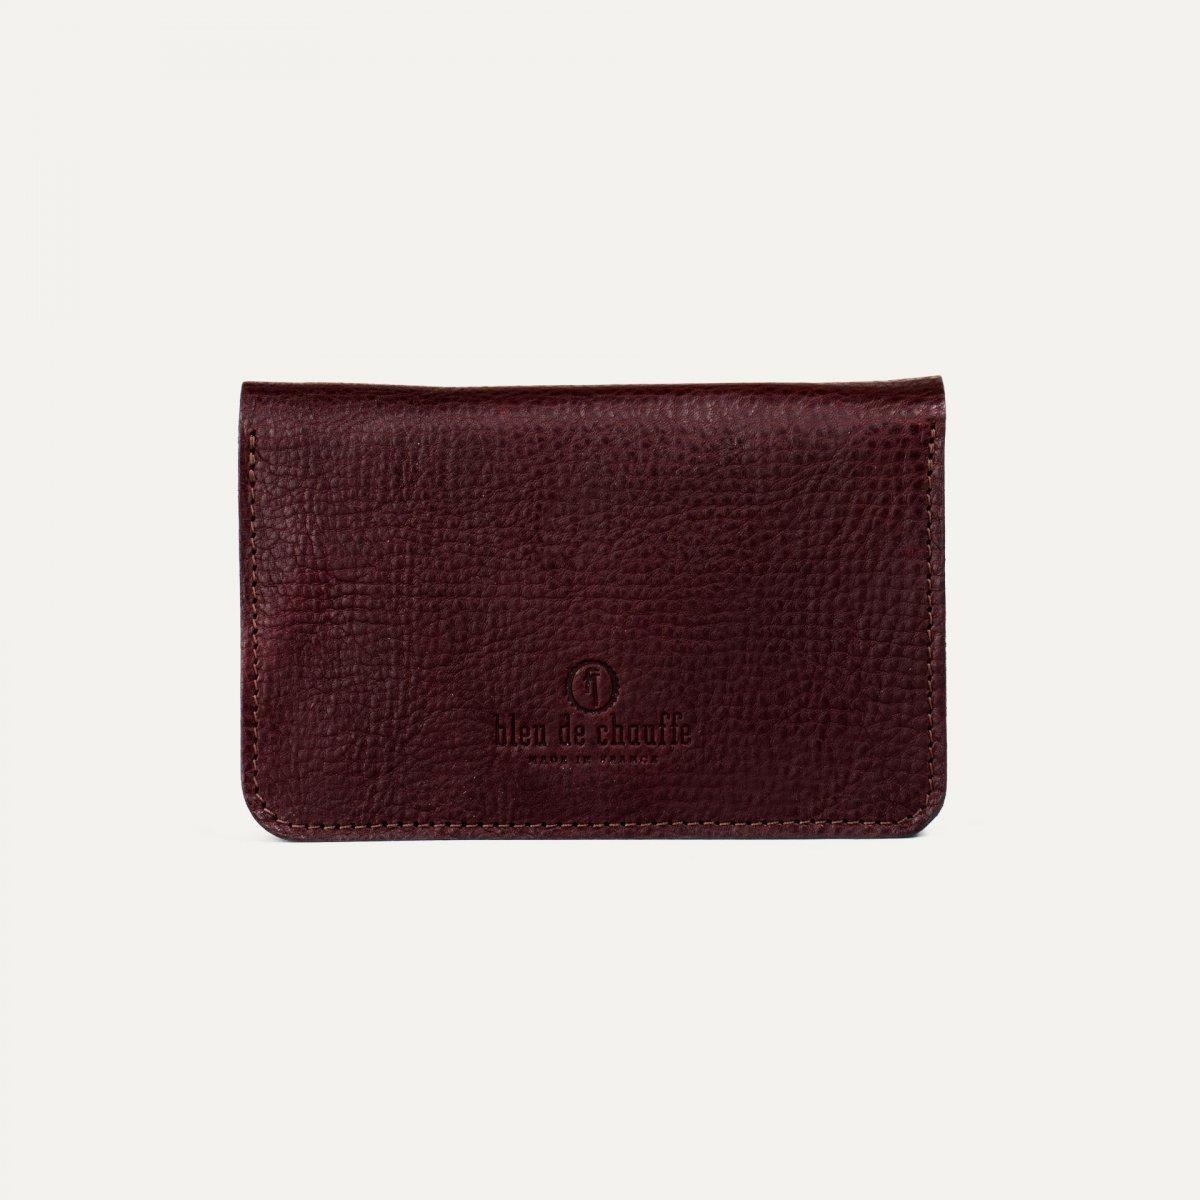 Grisbi wallet - Peat (image n°2)